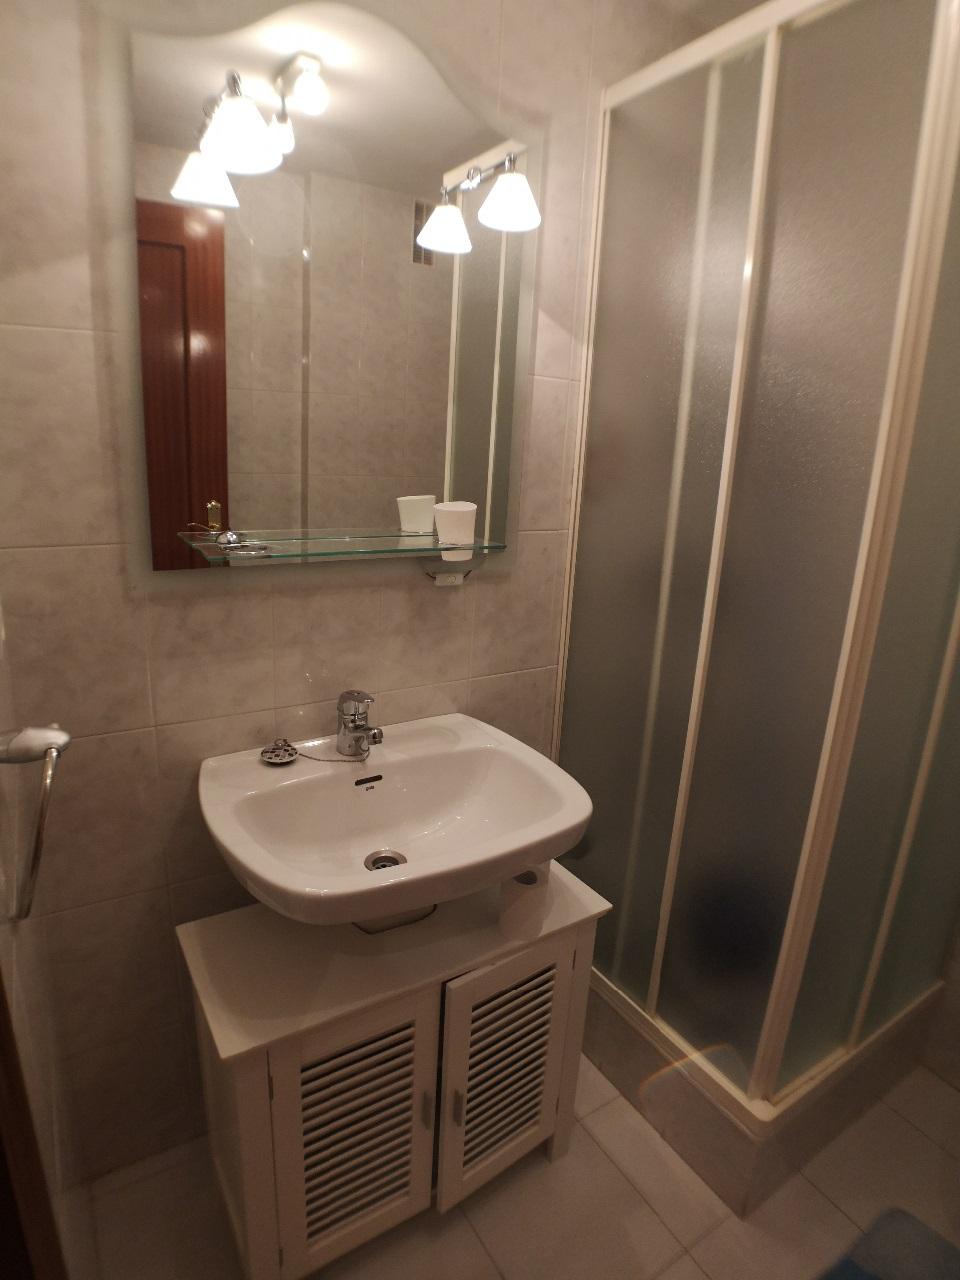 -eu-west-1.amazonaws.com/mobilia/Portals/inmoatrio/Images/6627/4167464